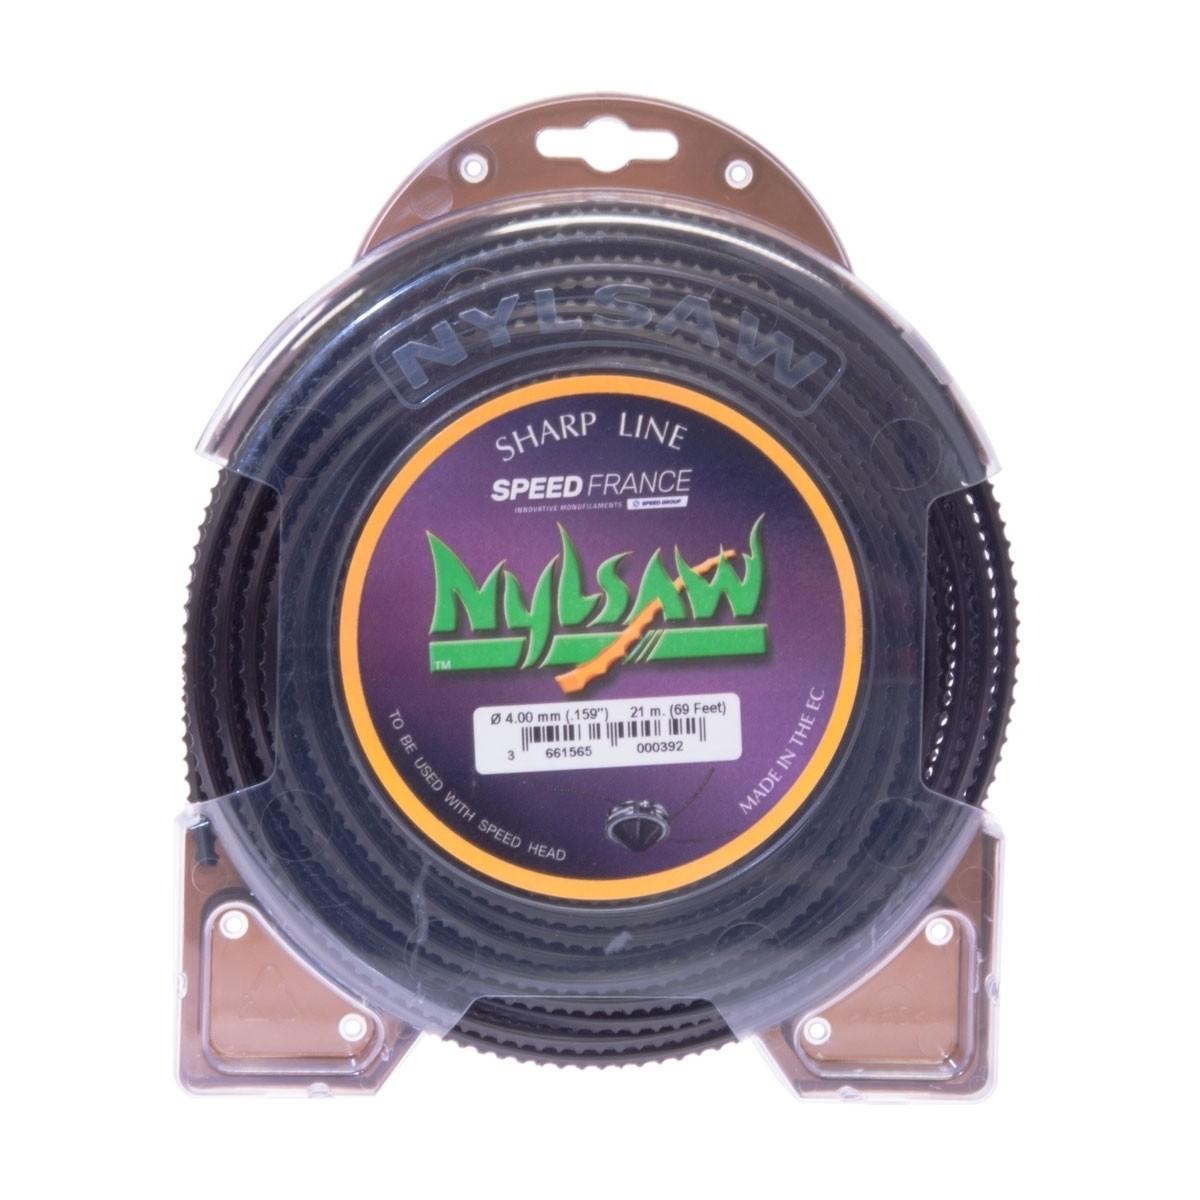 Siima SPEED-FRANCE: Nylsaw 3,0 mm, 37 metriä